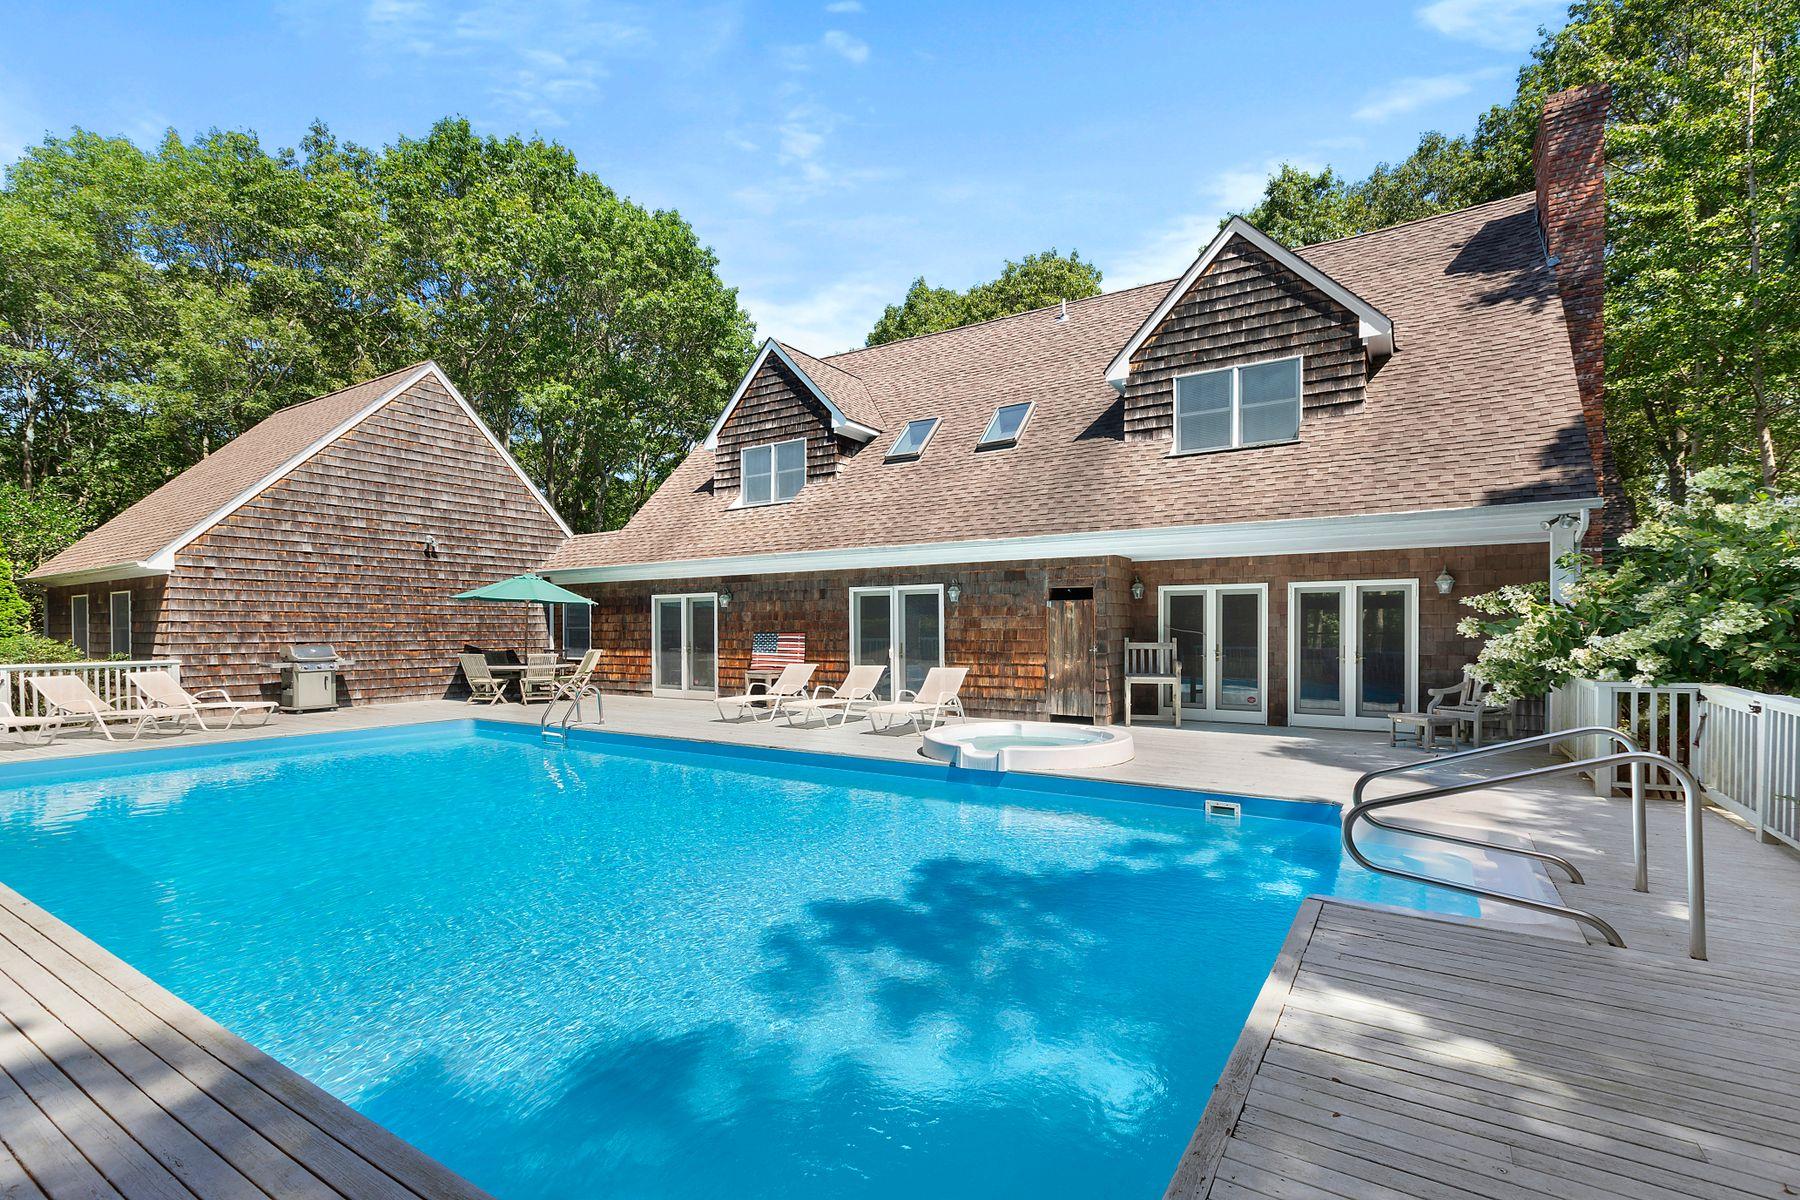 Single Family Homes för Försäljning vid Wainscott, Village and Ocean Convenience 73 Wainscott Northwest Road, Wainscott, New York 11975 Förenta staterna